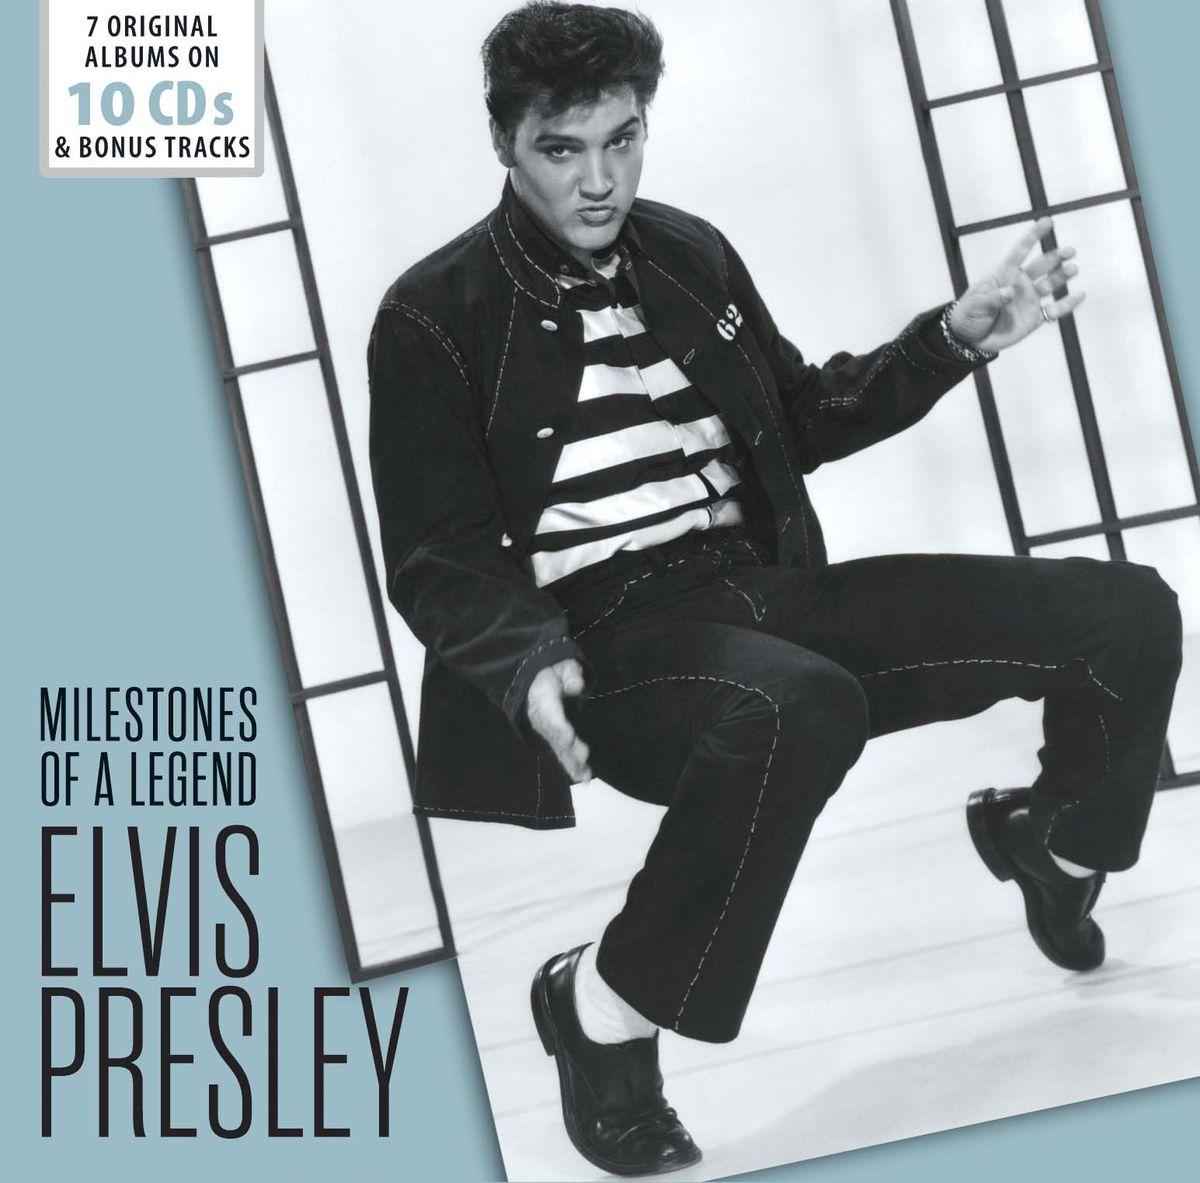 Элвис Пресли Elvis Presley. Original Albums, Soundtracks und Bonustracks (10 CD)